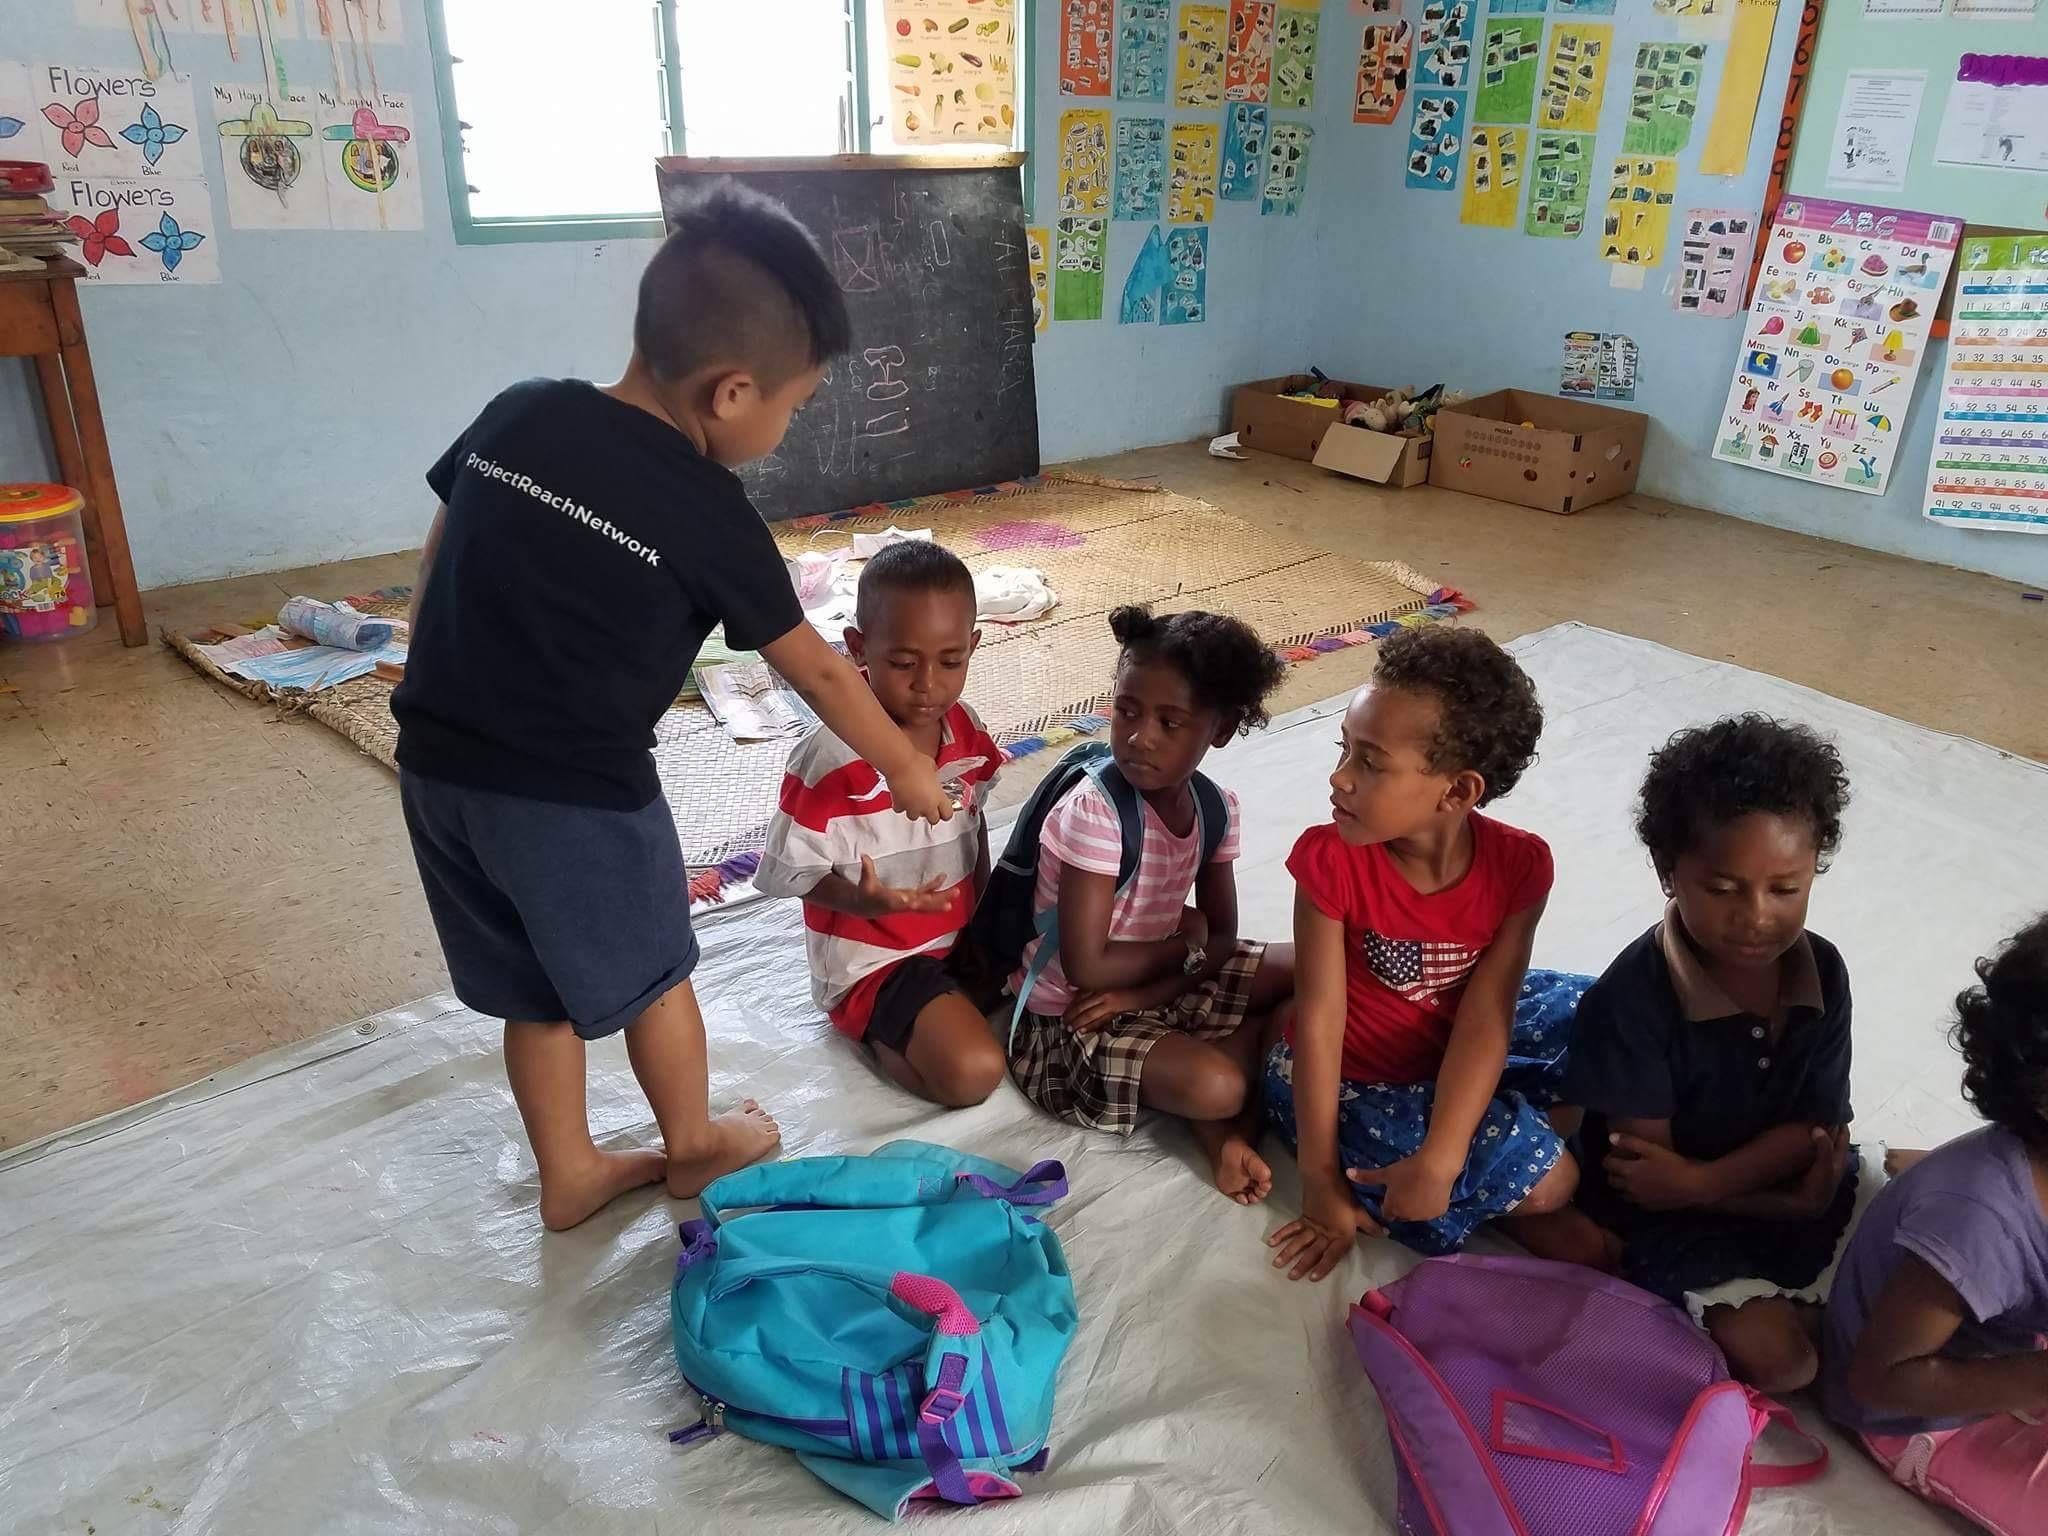 Ethan in Fiji